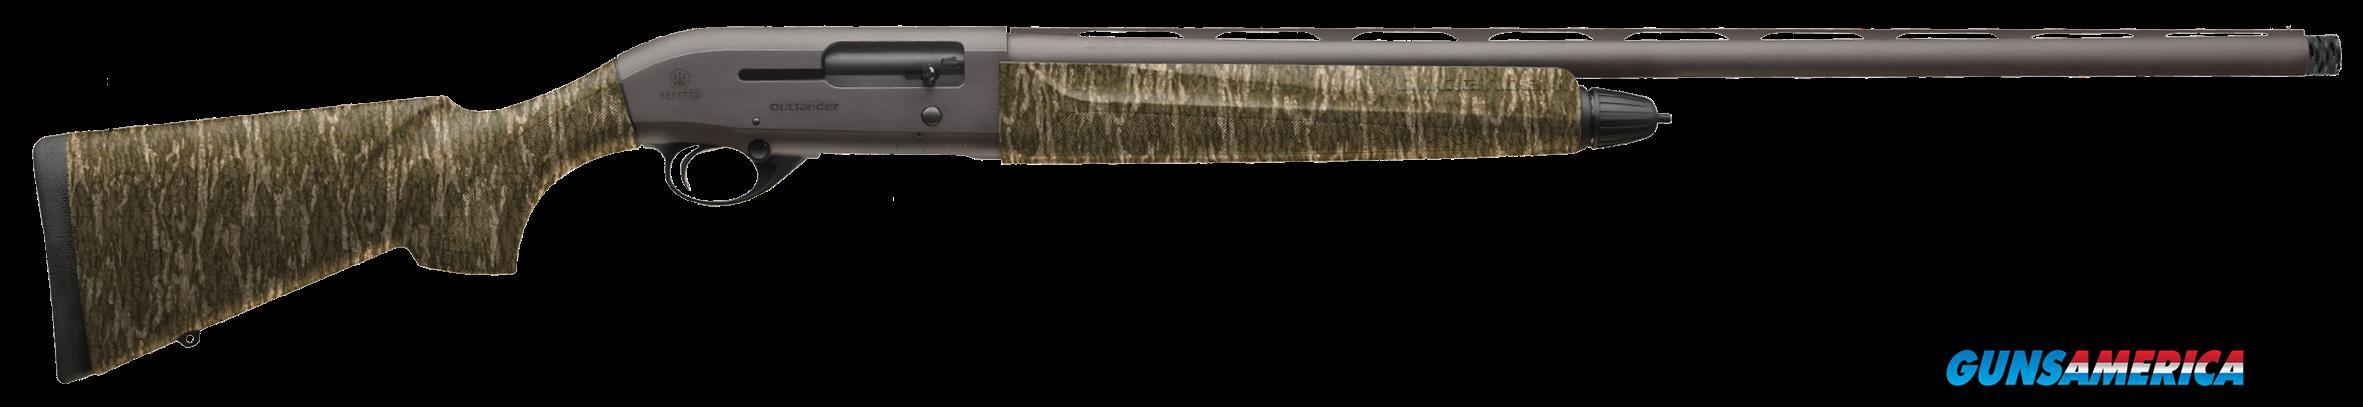 Beretta Usa A300, Ber J30tuc18  A300 Outlander   12 28      Mobl-cbl  Guns > Pistols > 1911 Pistol Copies (non-Colt)